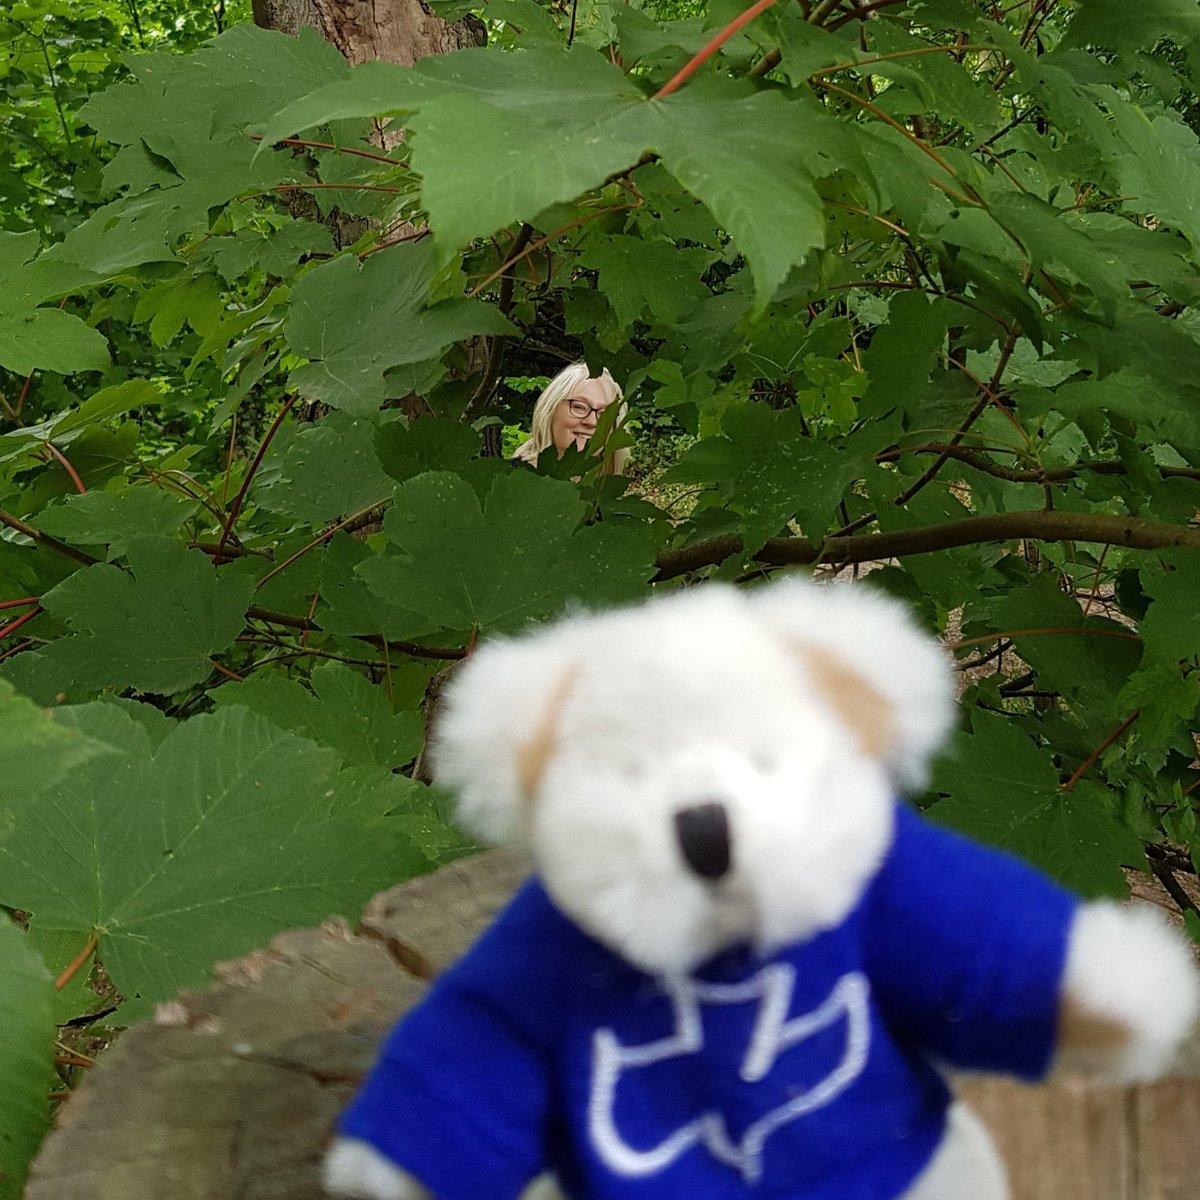 Can you see her? #bearladies #therepairshop #wealddownmuseum #woodland #teddybearladies #teddybear #hideandseek #lunchtime  @wealddownmuseum